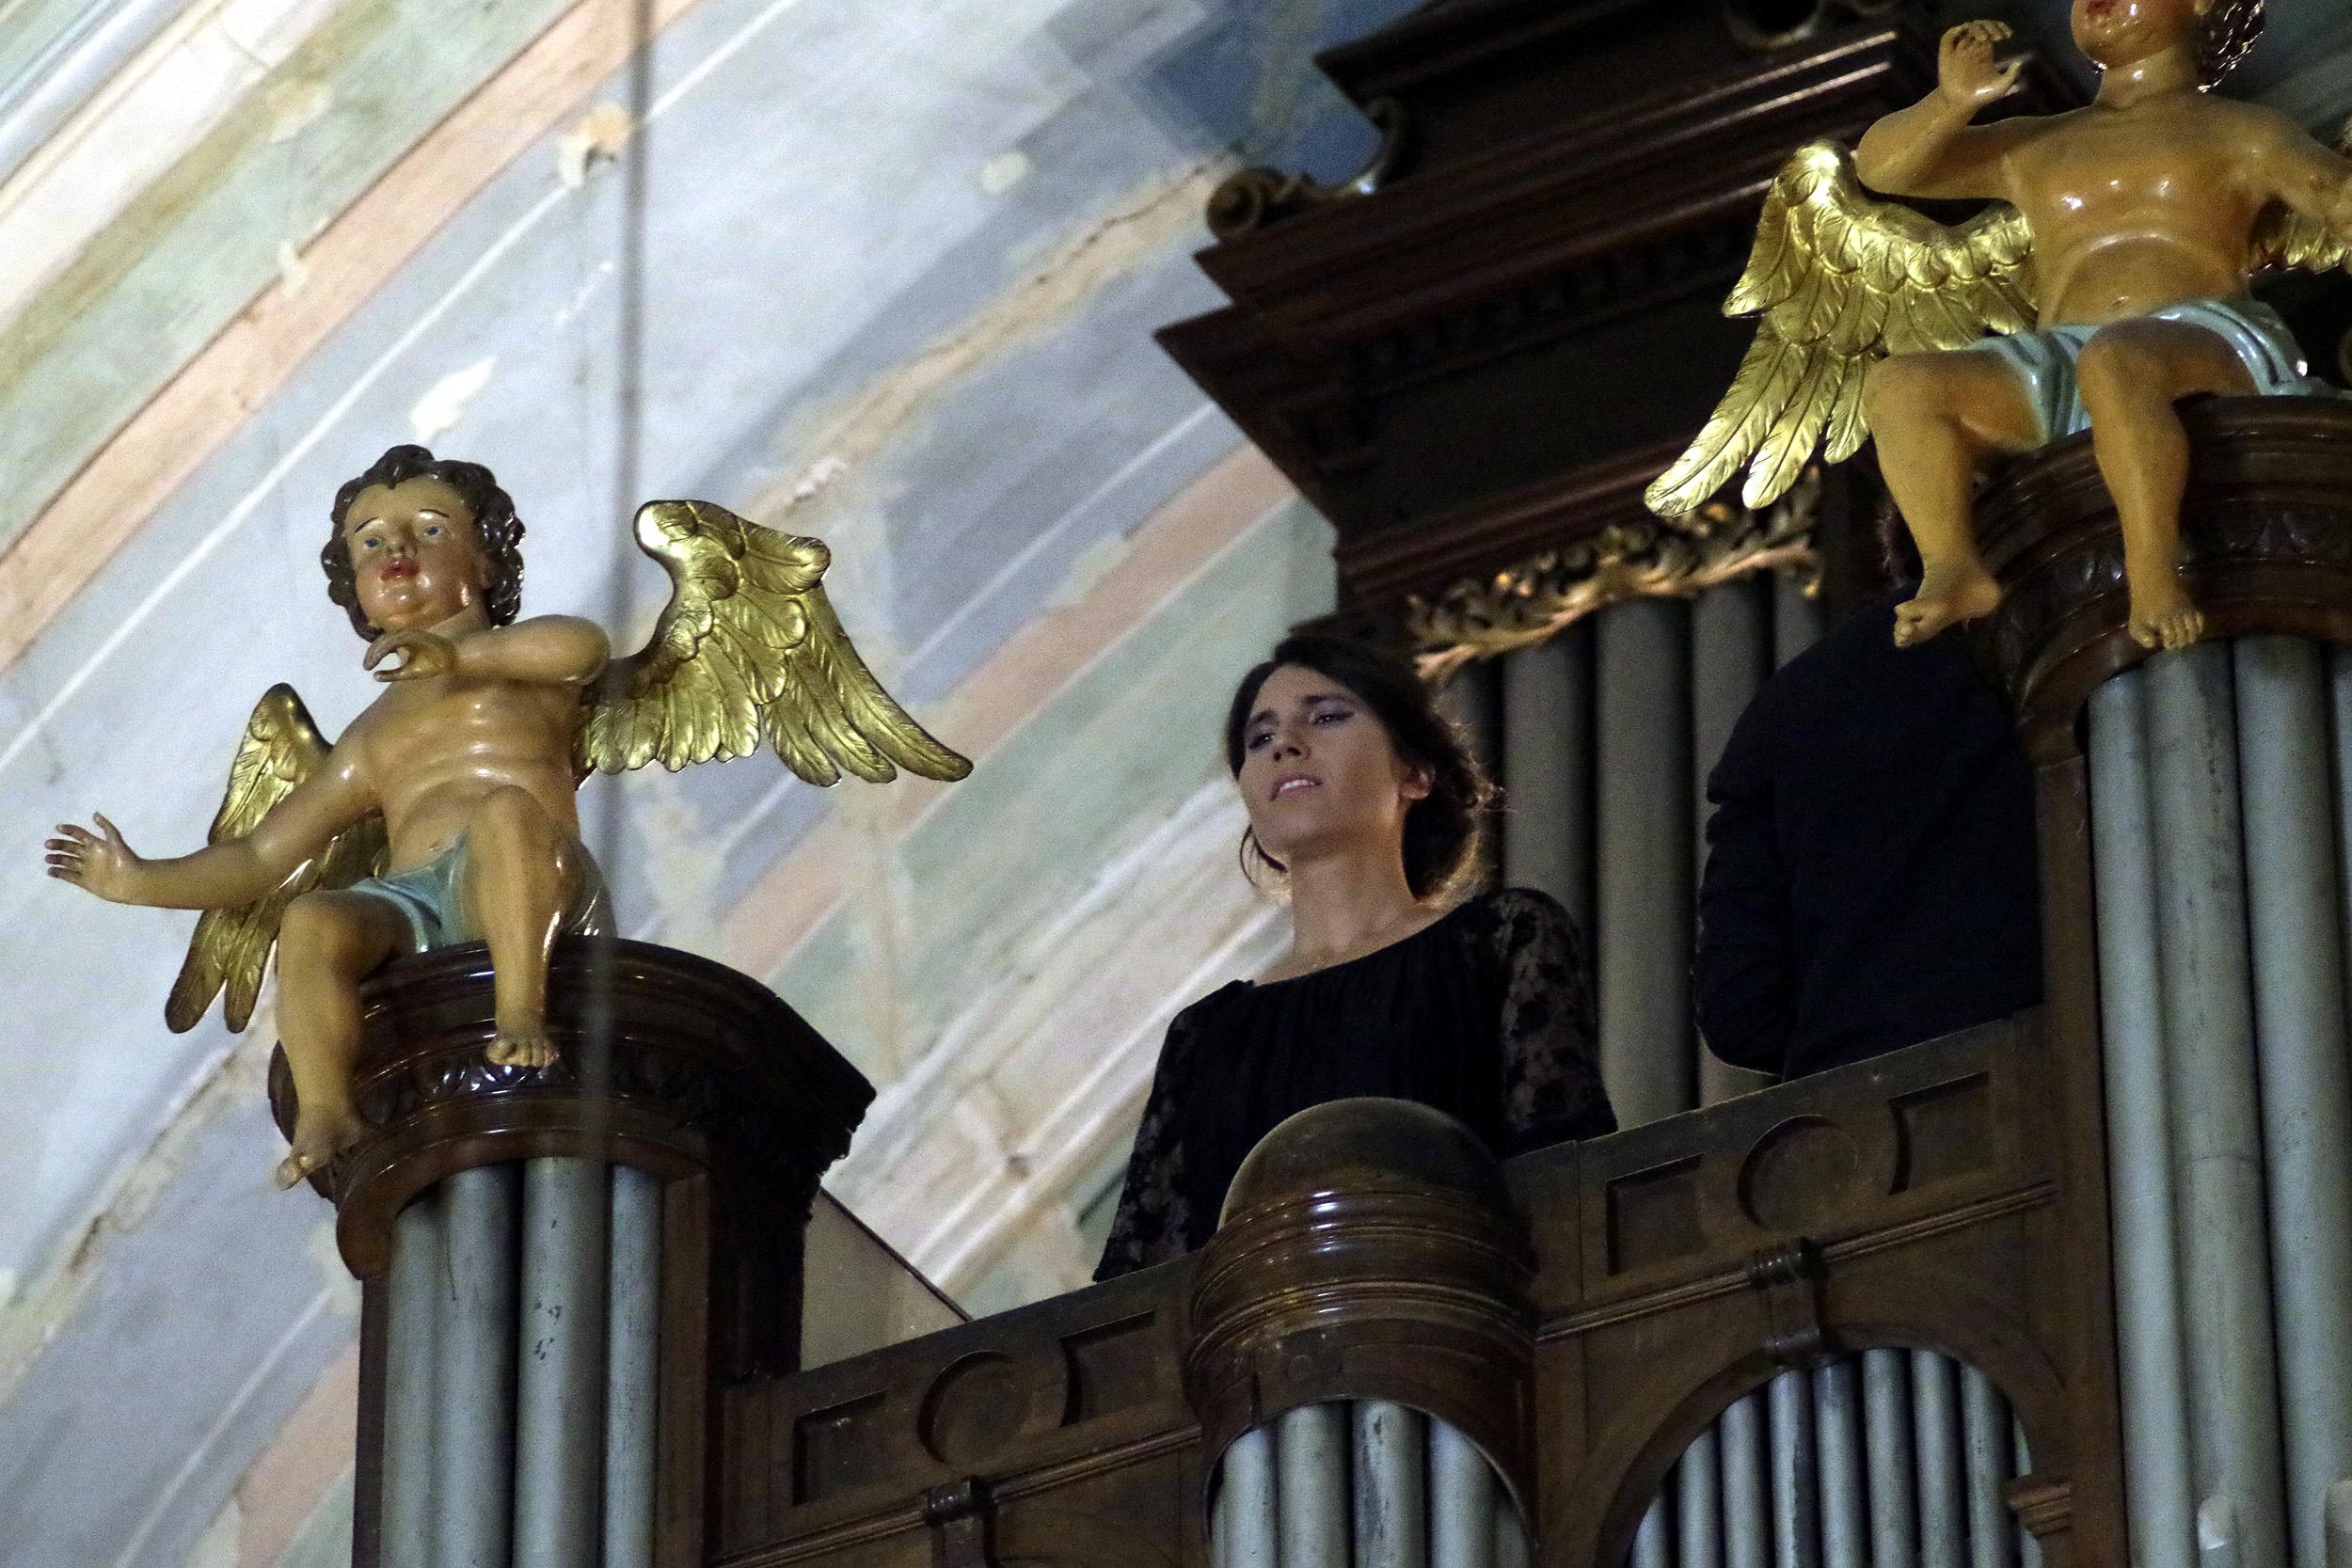 Yoanna wykonuje utwór Salve Regina Konstantego Gorskiego w kościele w Tbilisi